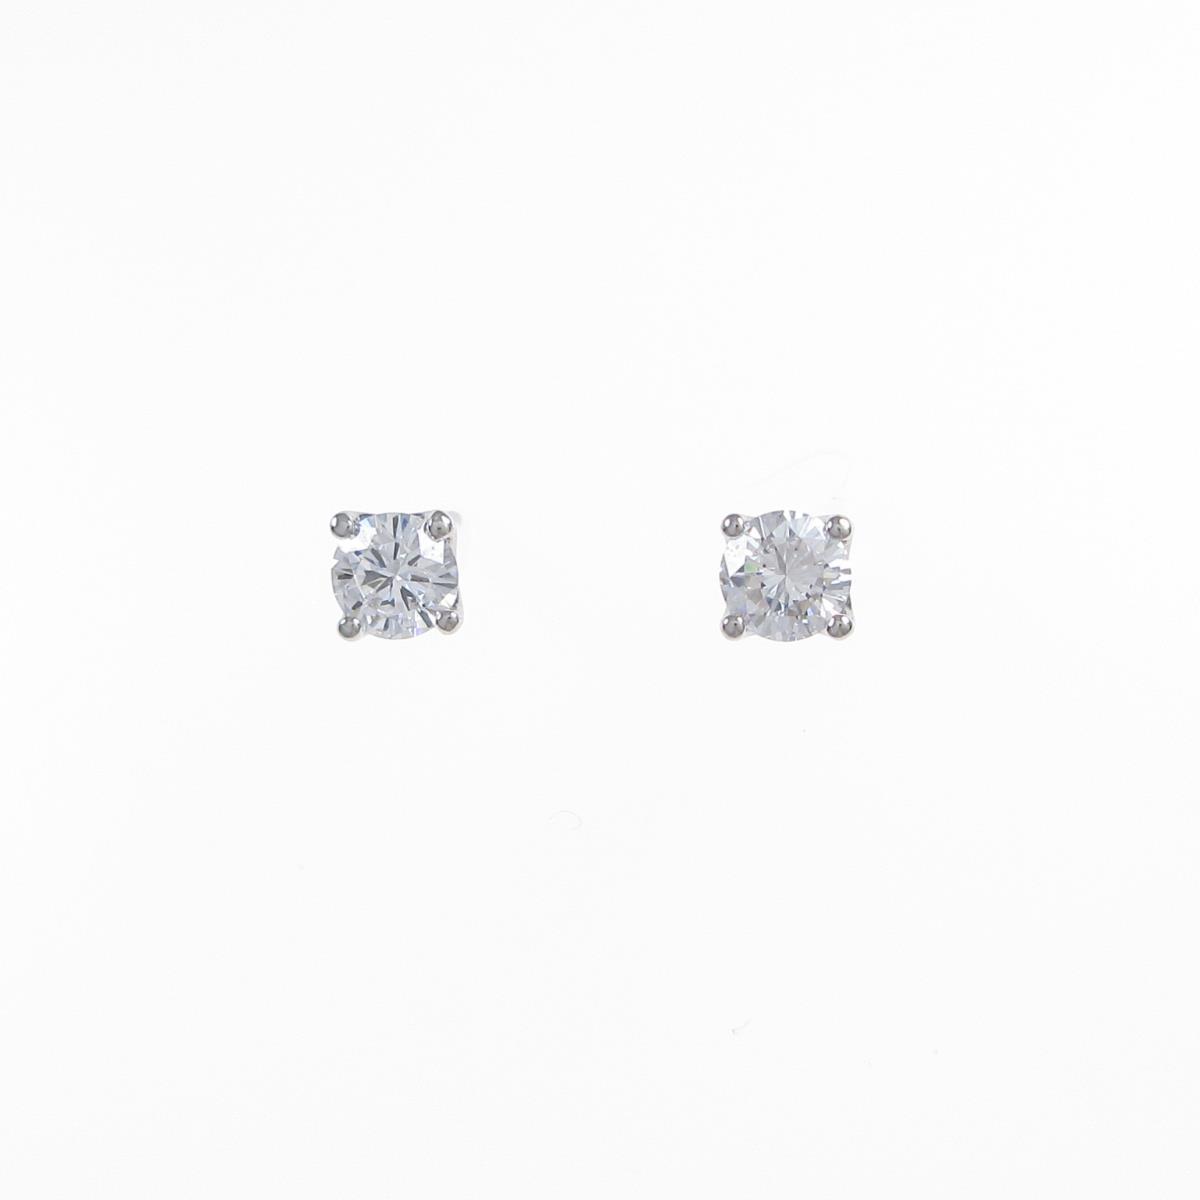 【リメイク】ST/プラチナダイヤモンドピアス 0.307ct・0.316ct・D・VS1・GOOD【中古】